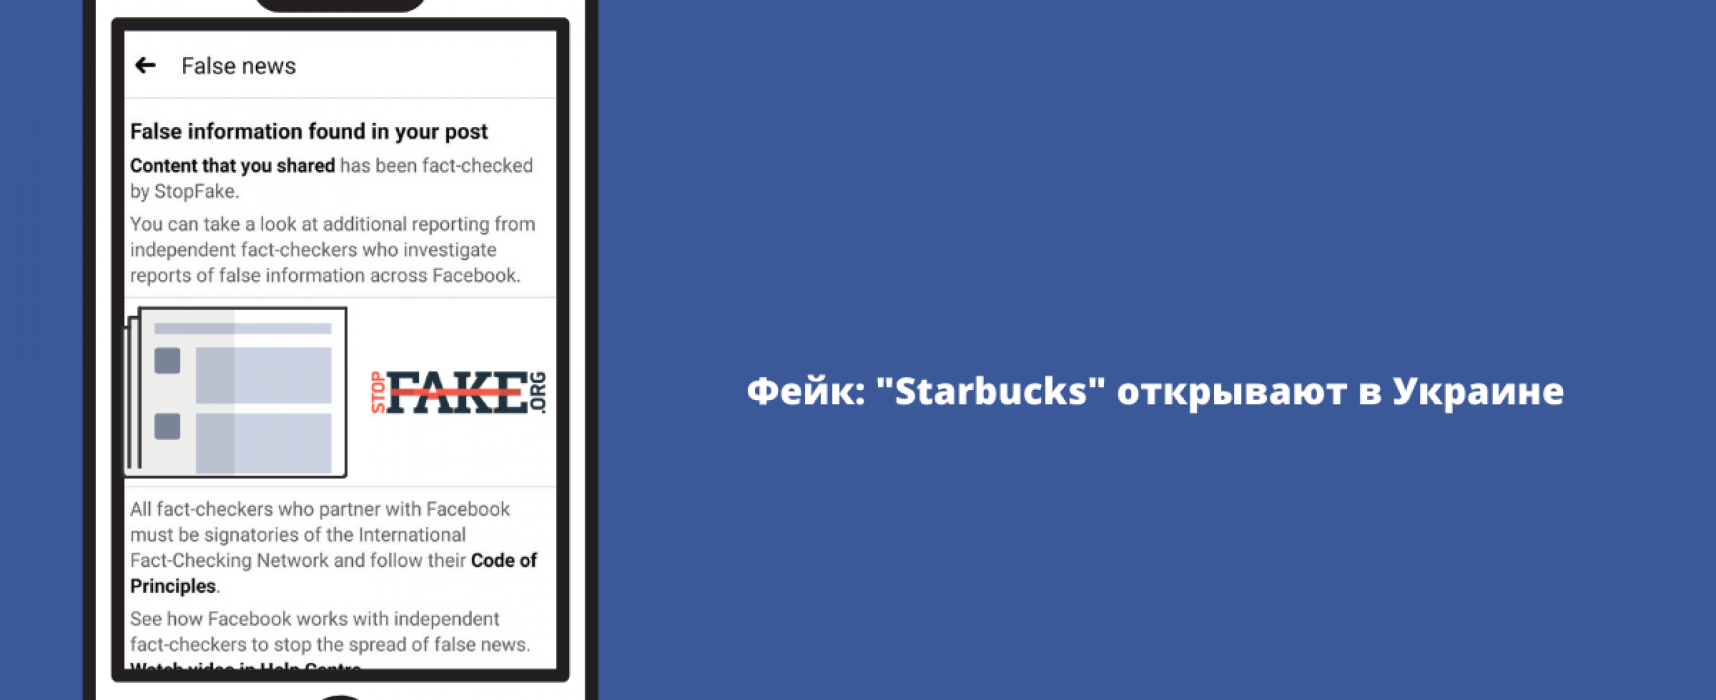 Фейк: Starbucks открывают в Украине